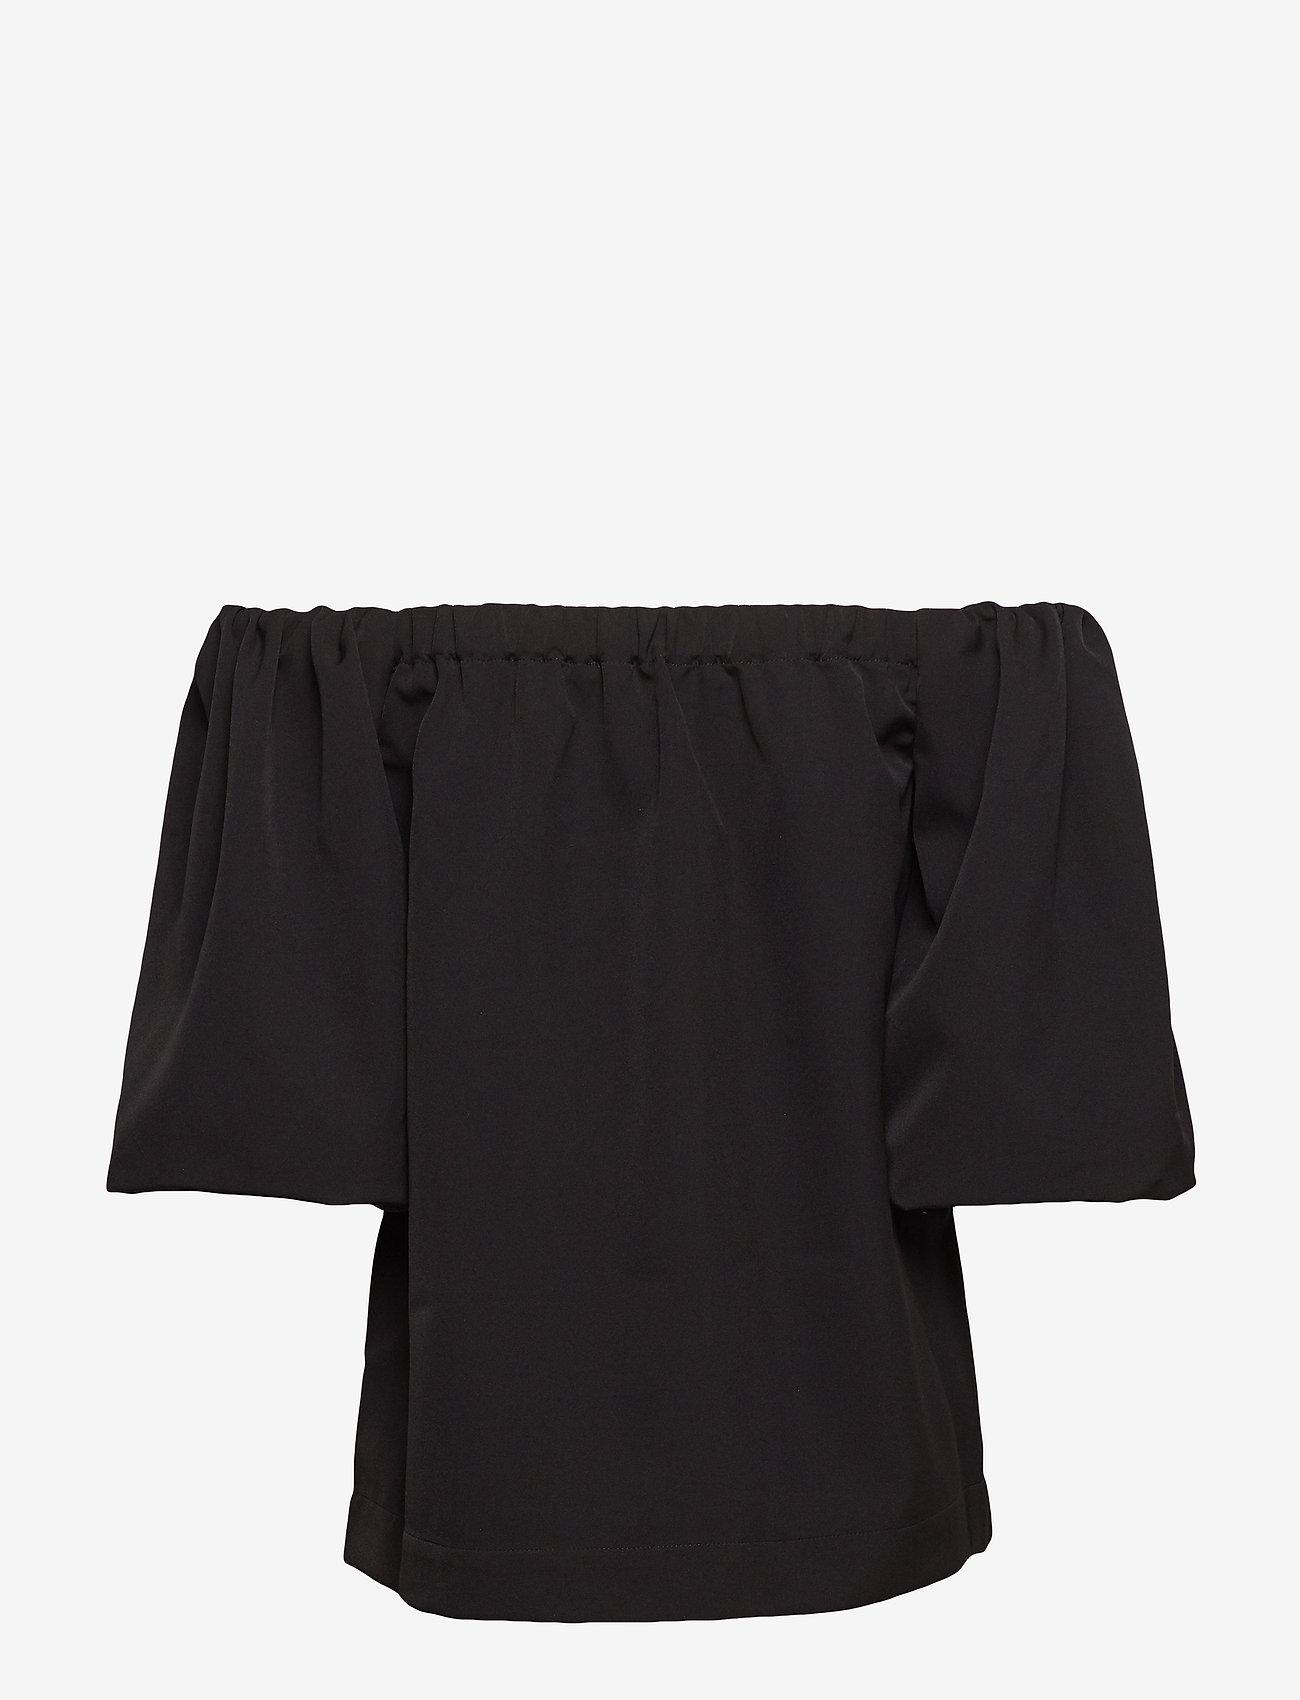 Veronique Sleeve Top (Black) (666 kr) - DESIGNERS, REMIX